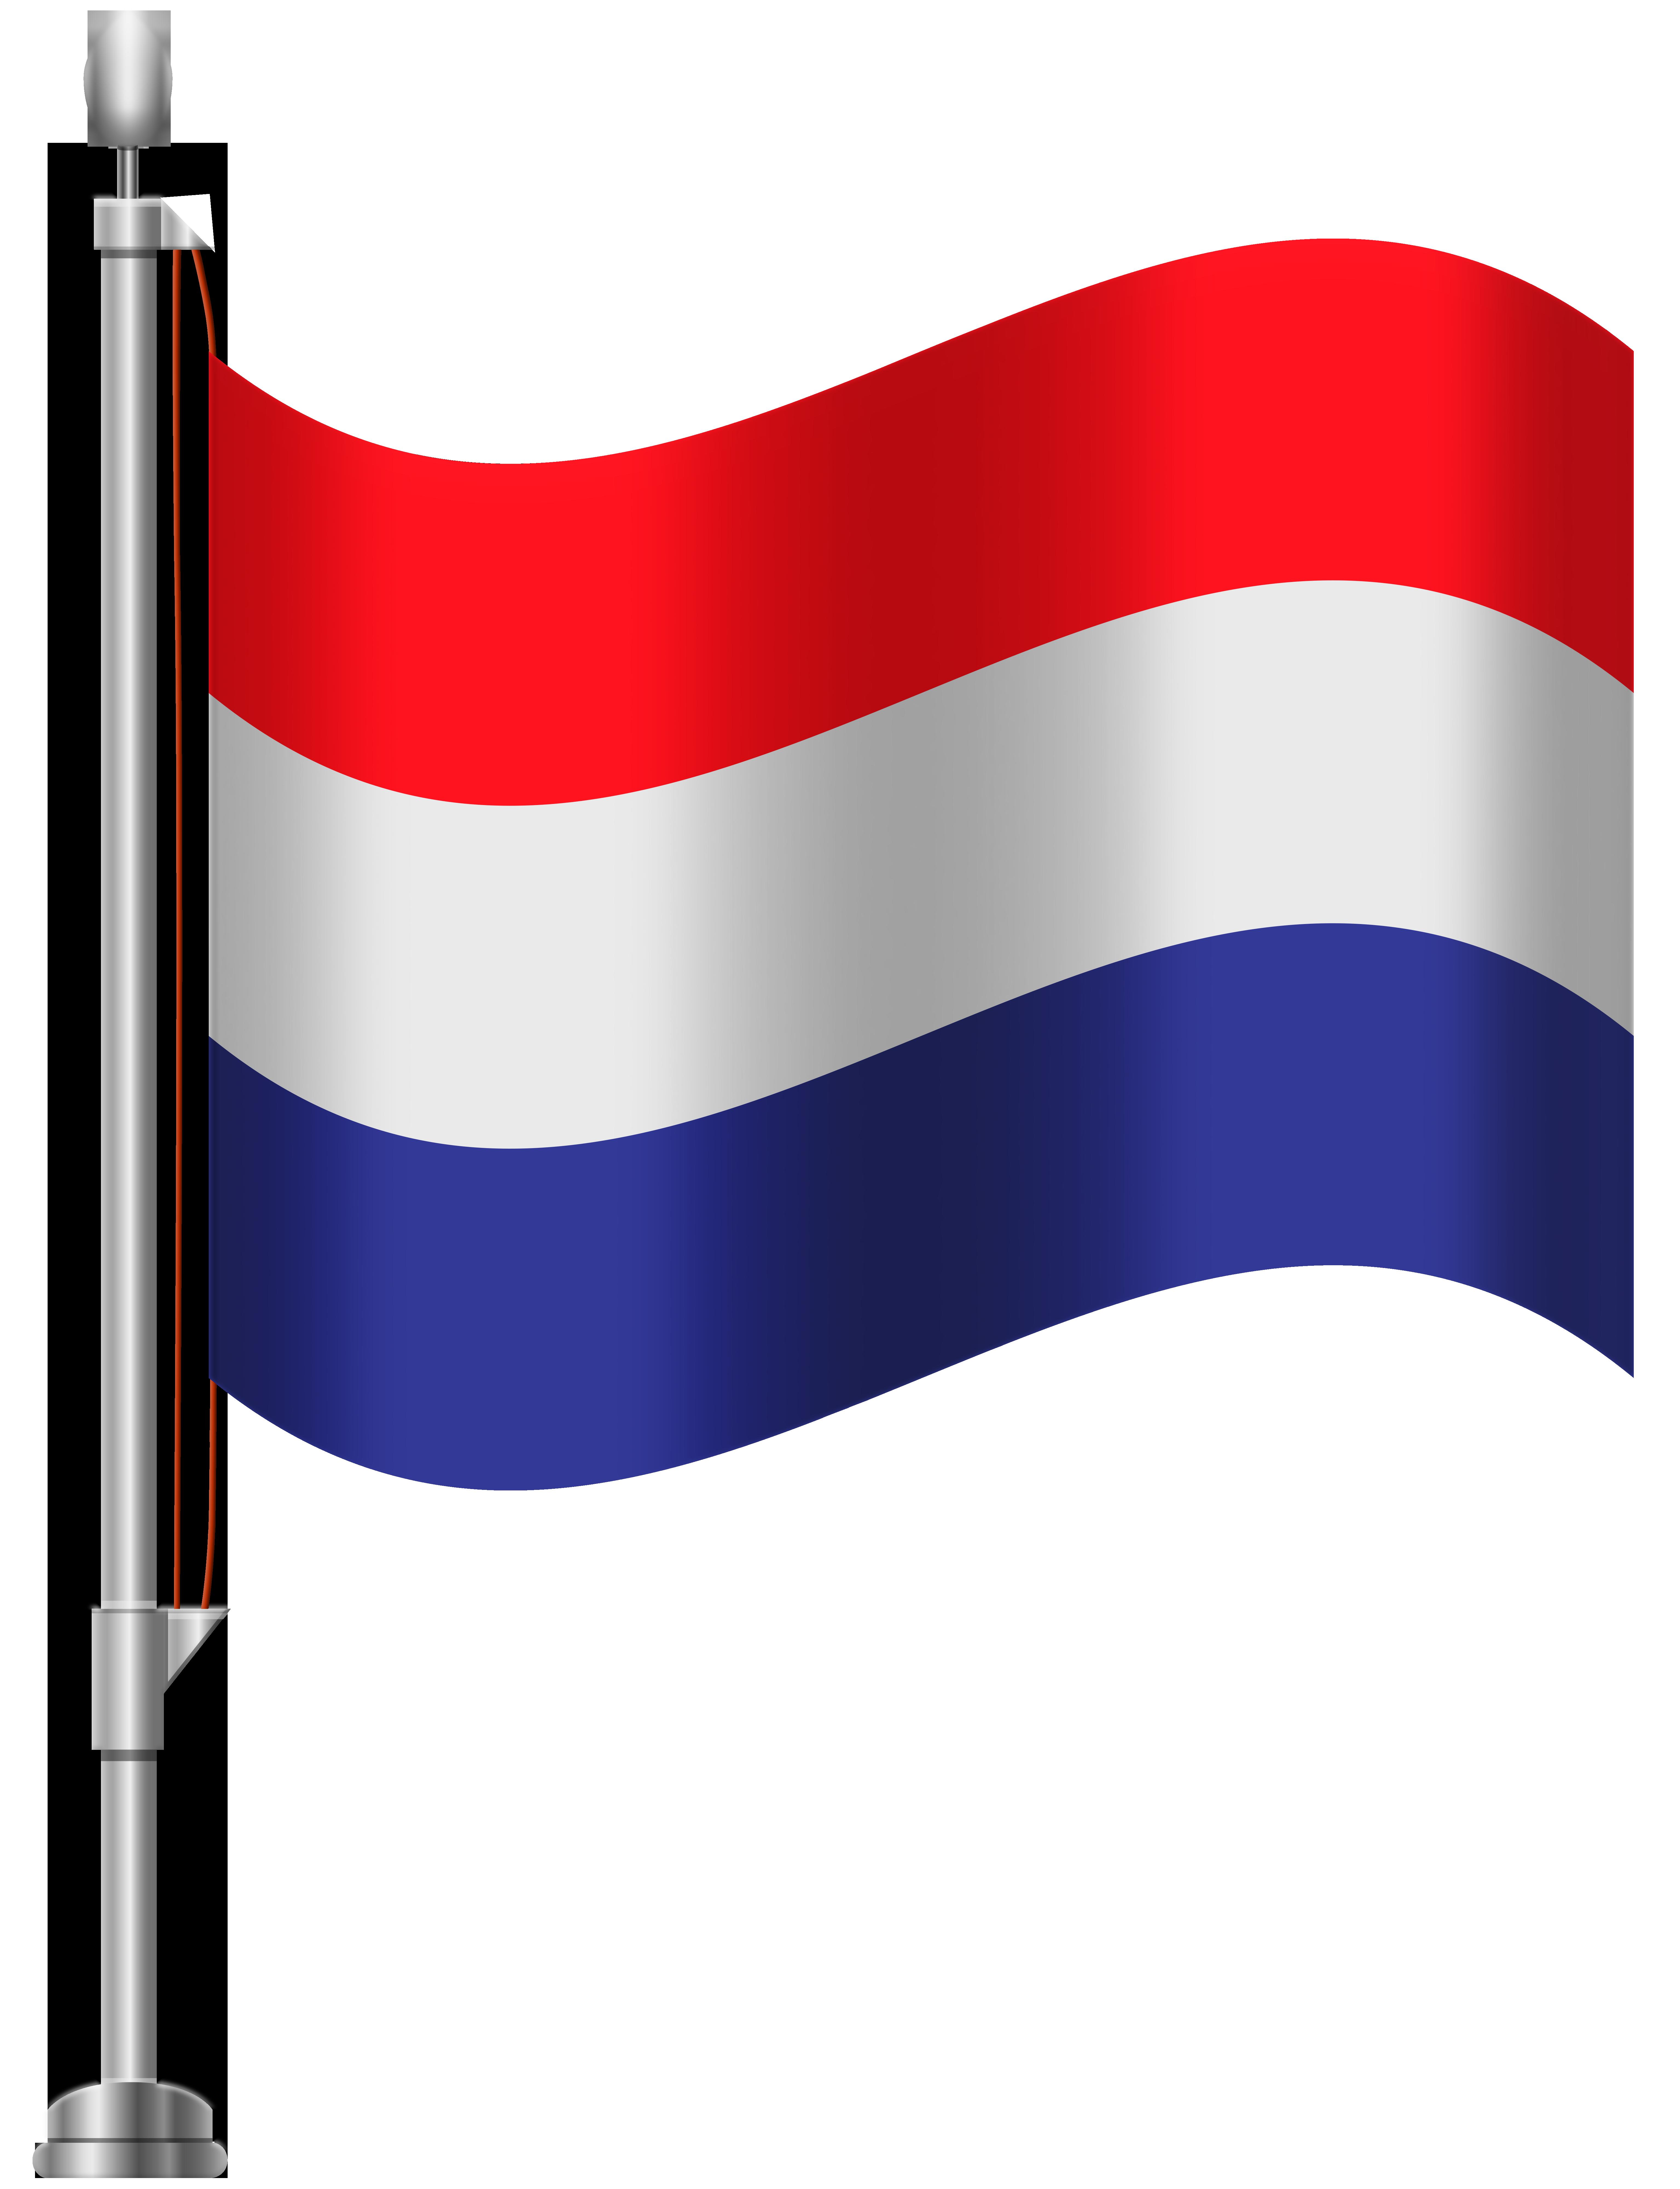 6141x8000 Netherlands Flag Png Clip Art